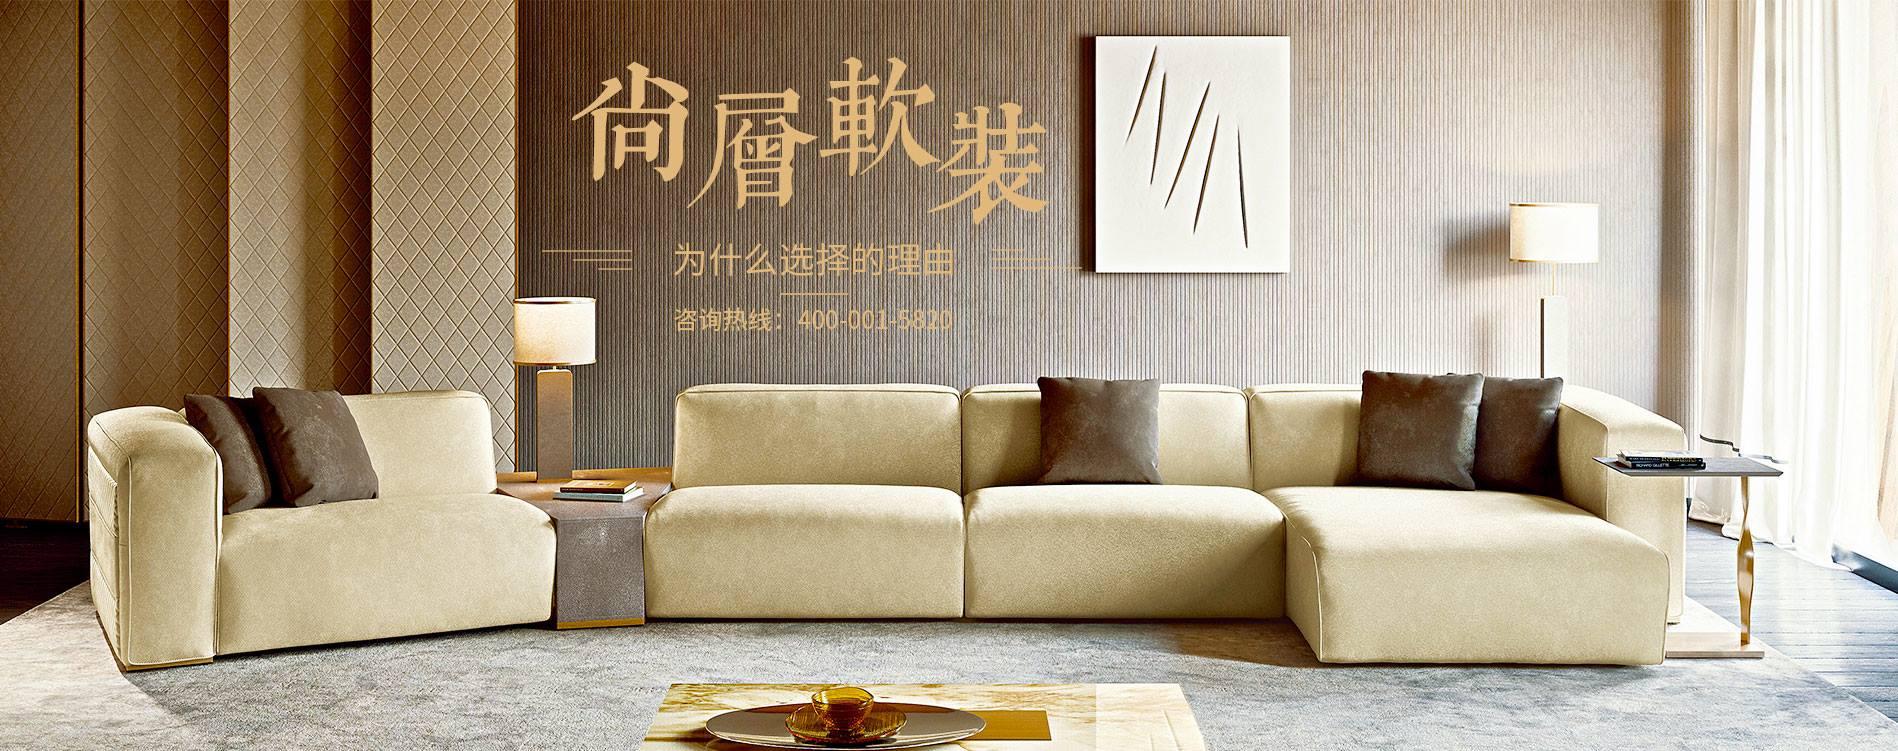 选择尚层让您家装无忧-杭州尚层365体育官方中文版下载_365体育游戏_365清流体育直播